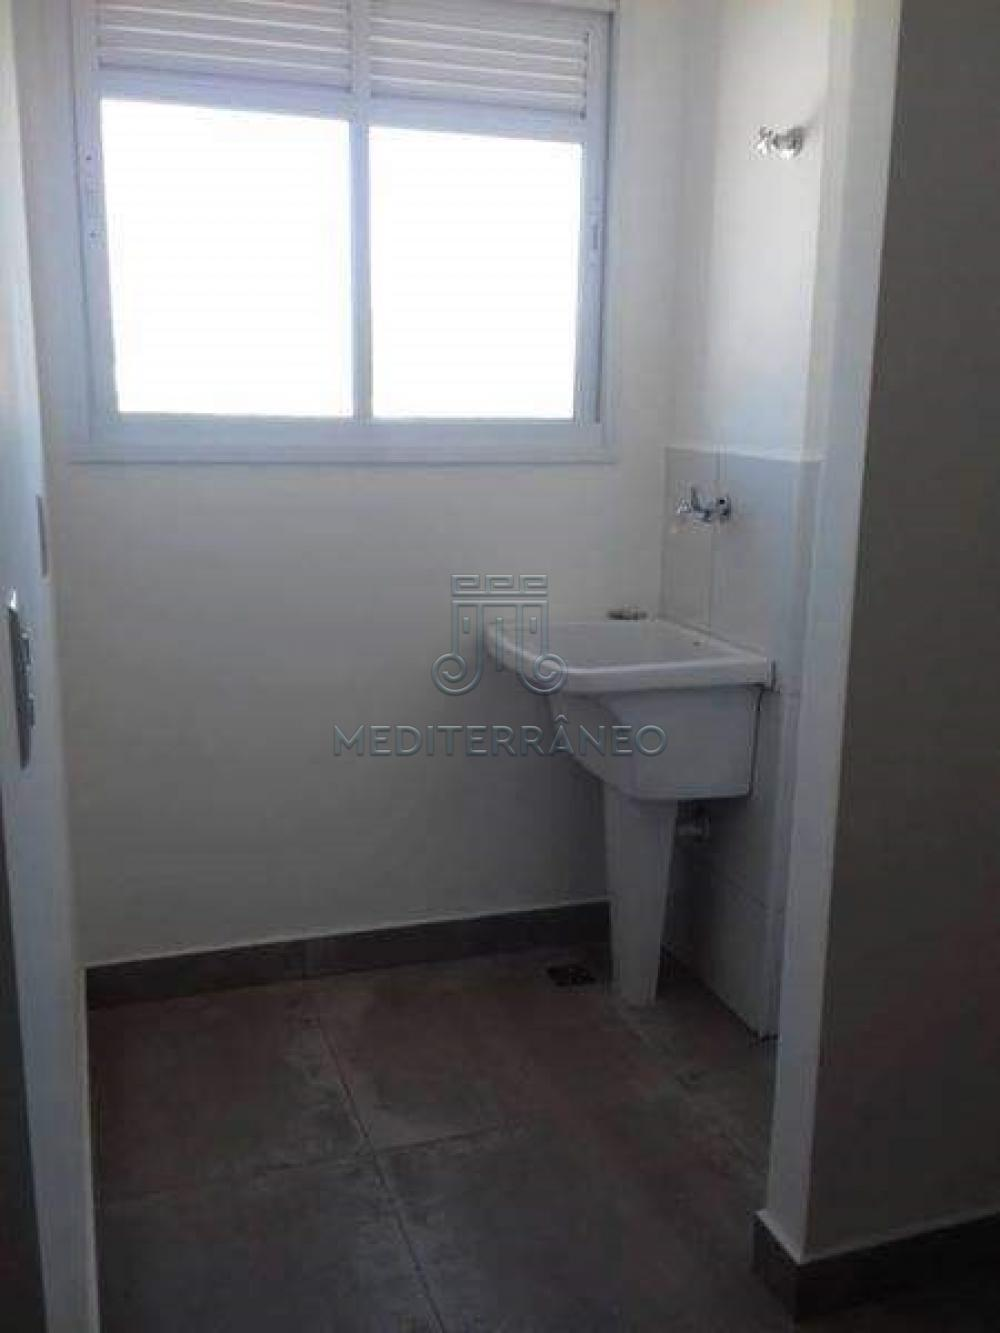 Comprar Apartamento / Padrão em Jundiaí apenas R$ 220.000,00 - Foto 4